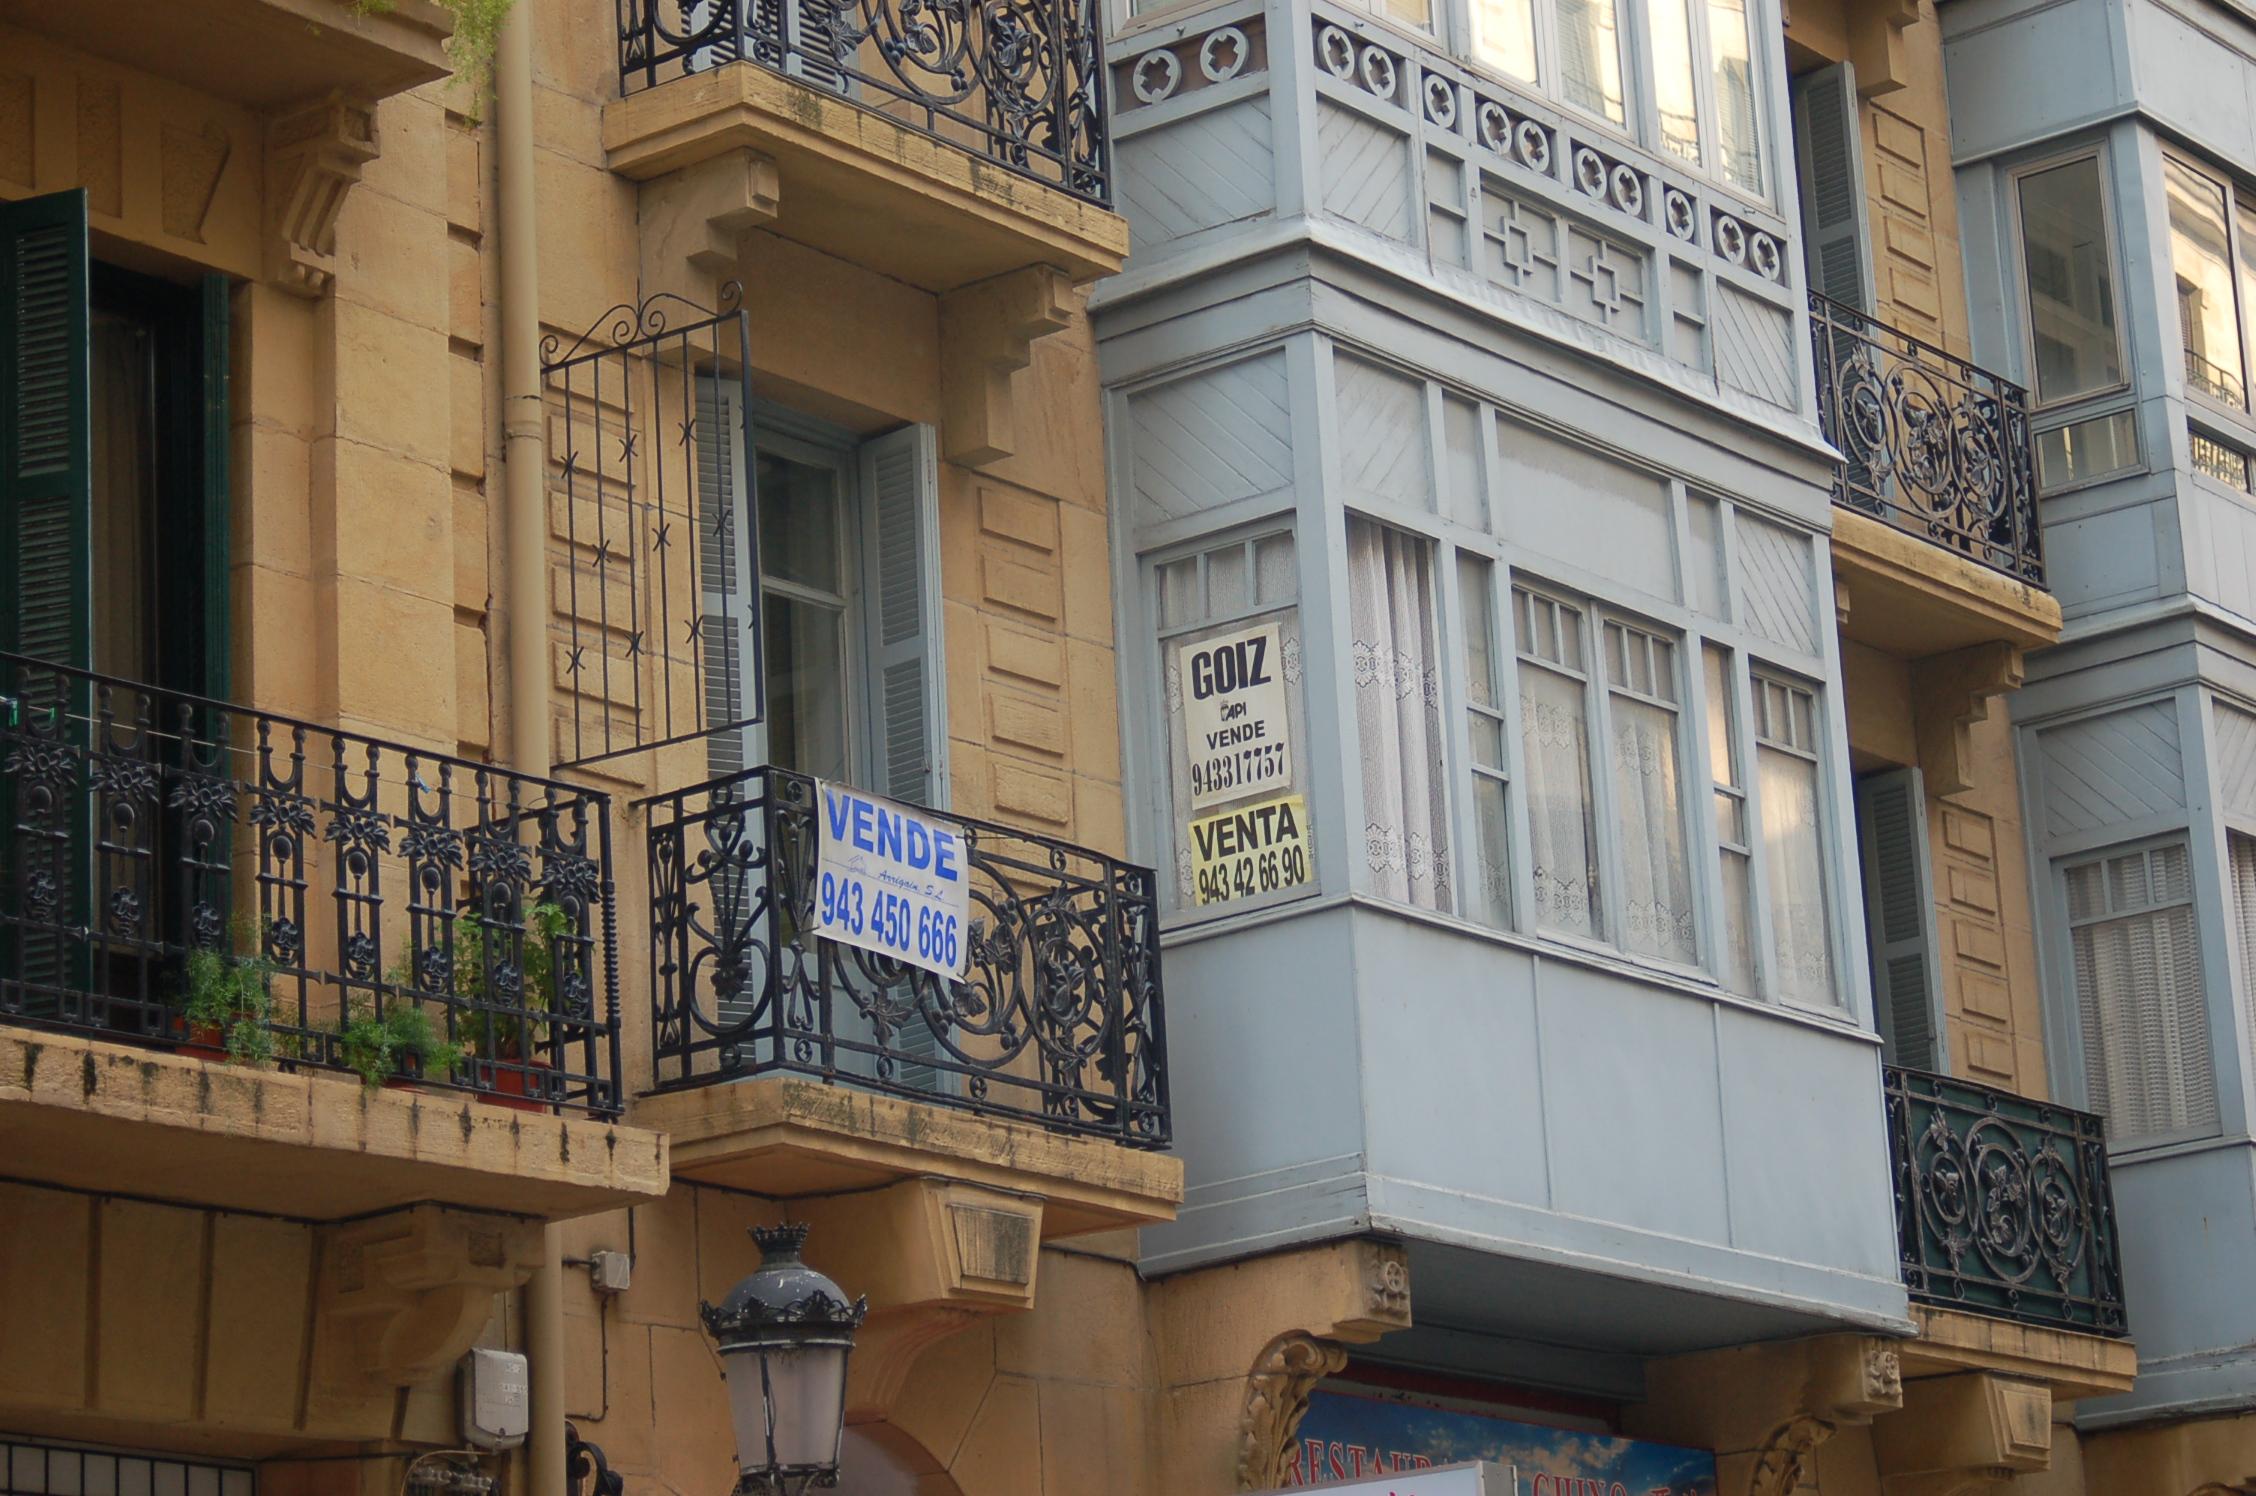 El mercado de segunda mano dispara la compraventa de - Mercado segunda mano barcelona ...